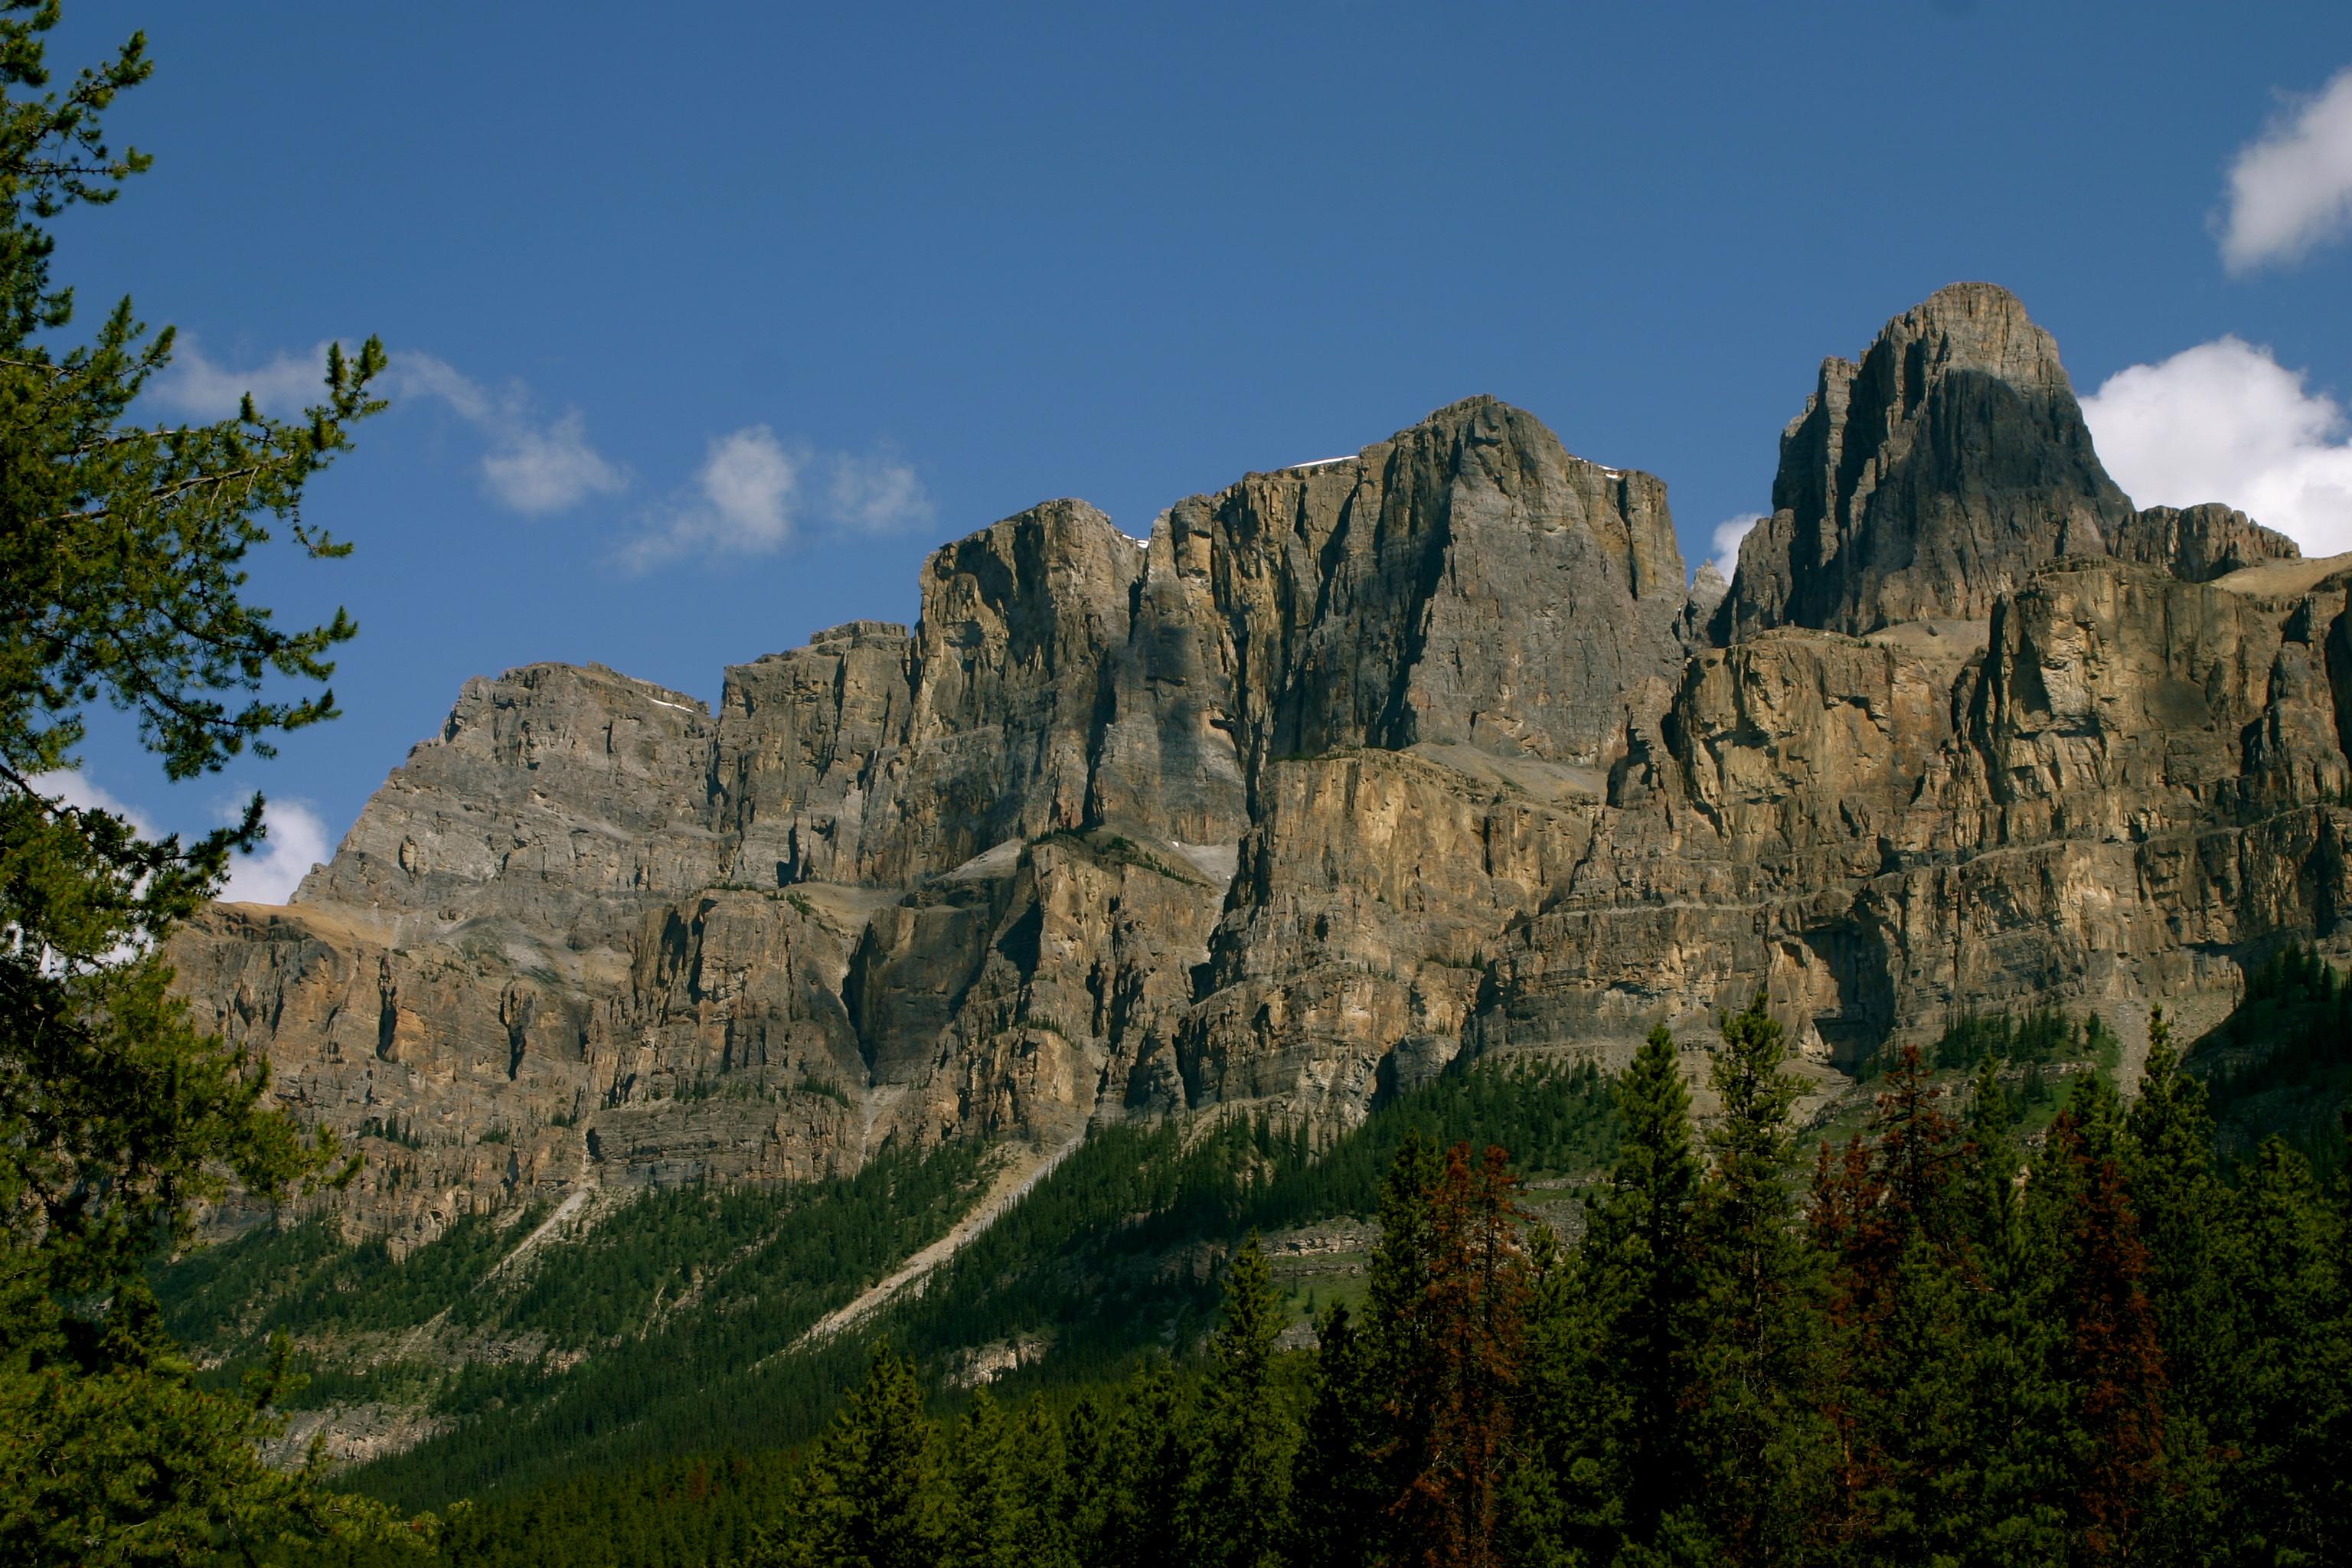 The Castle Cliffs